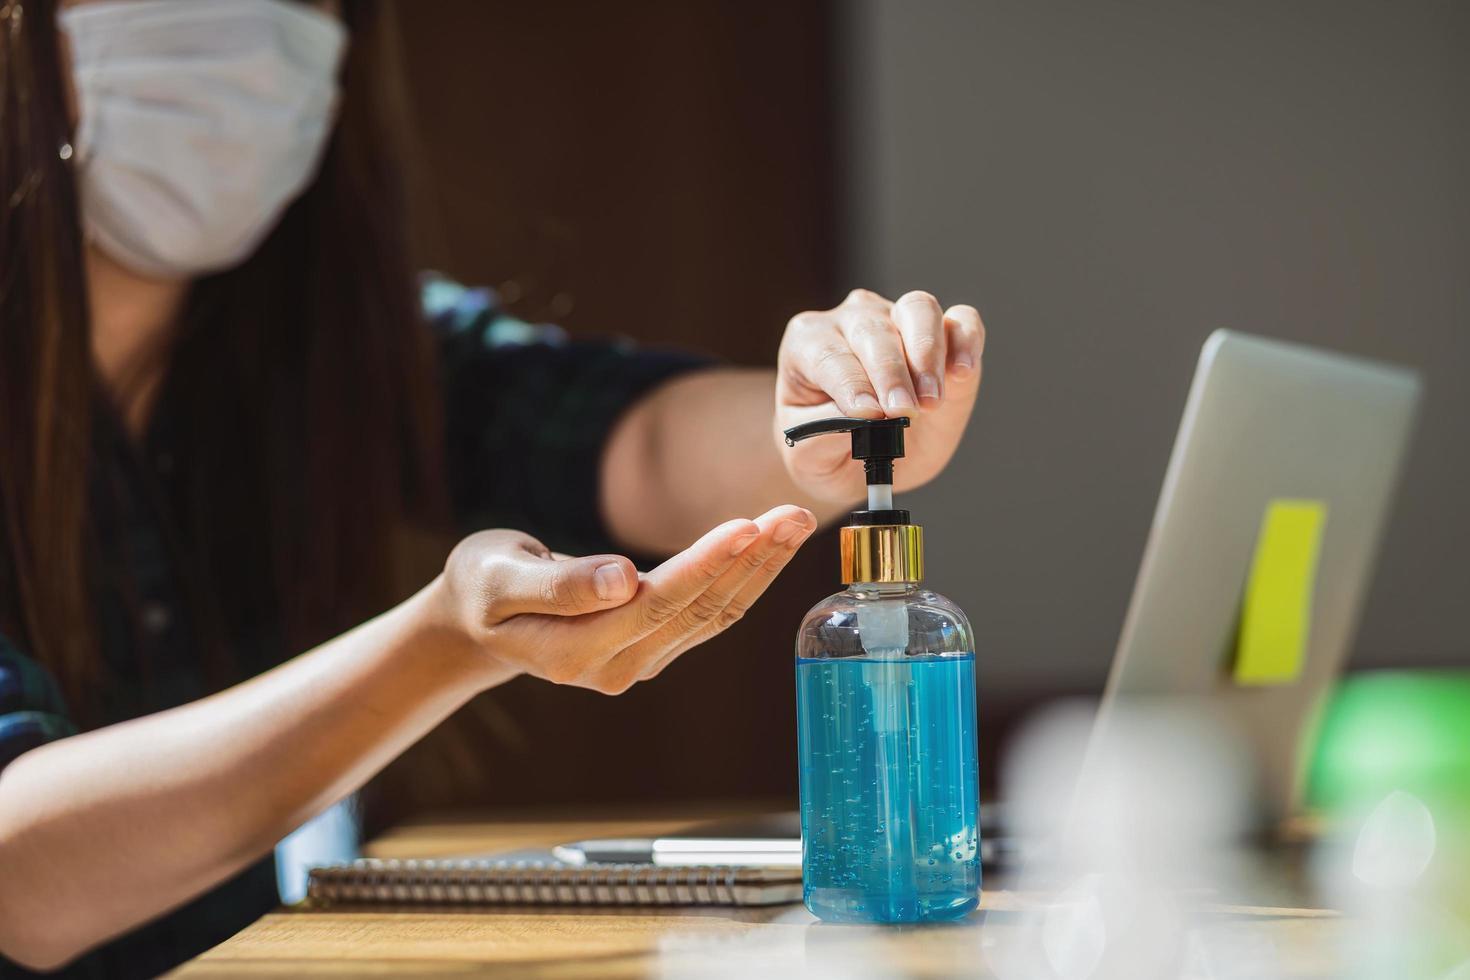 uma mulher asiática usando desinfetante para as mãos durante o trabalho do turno foto